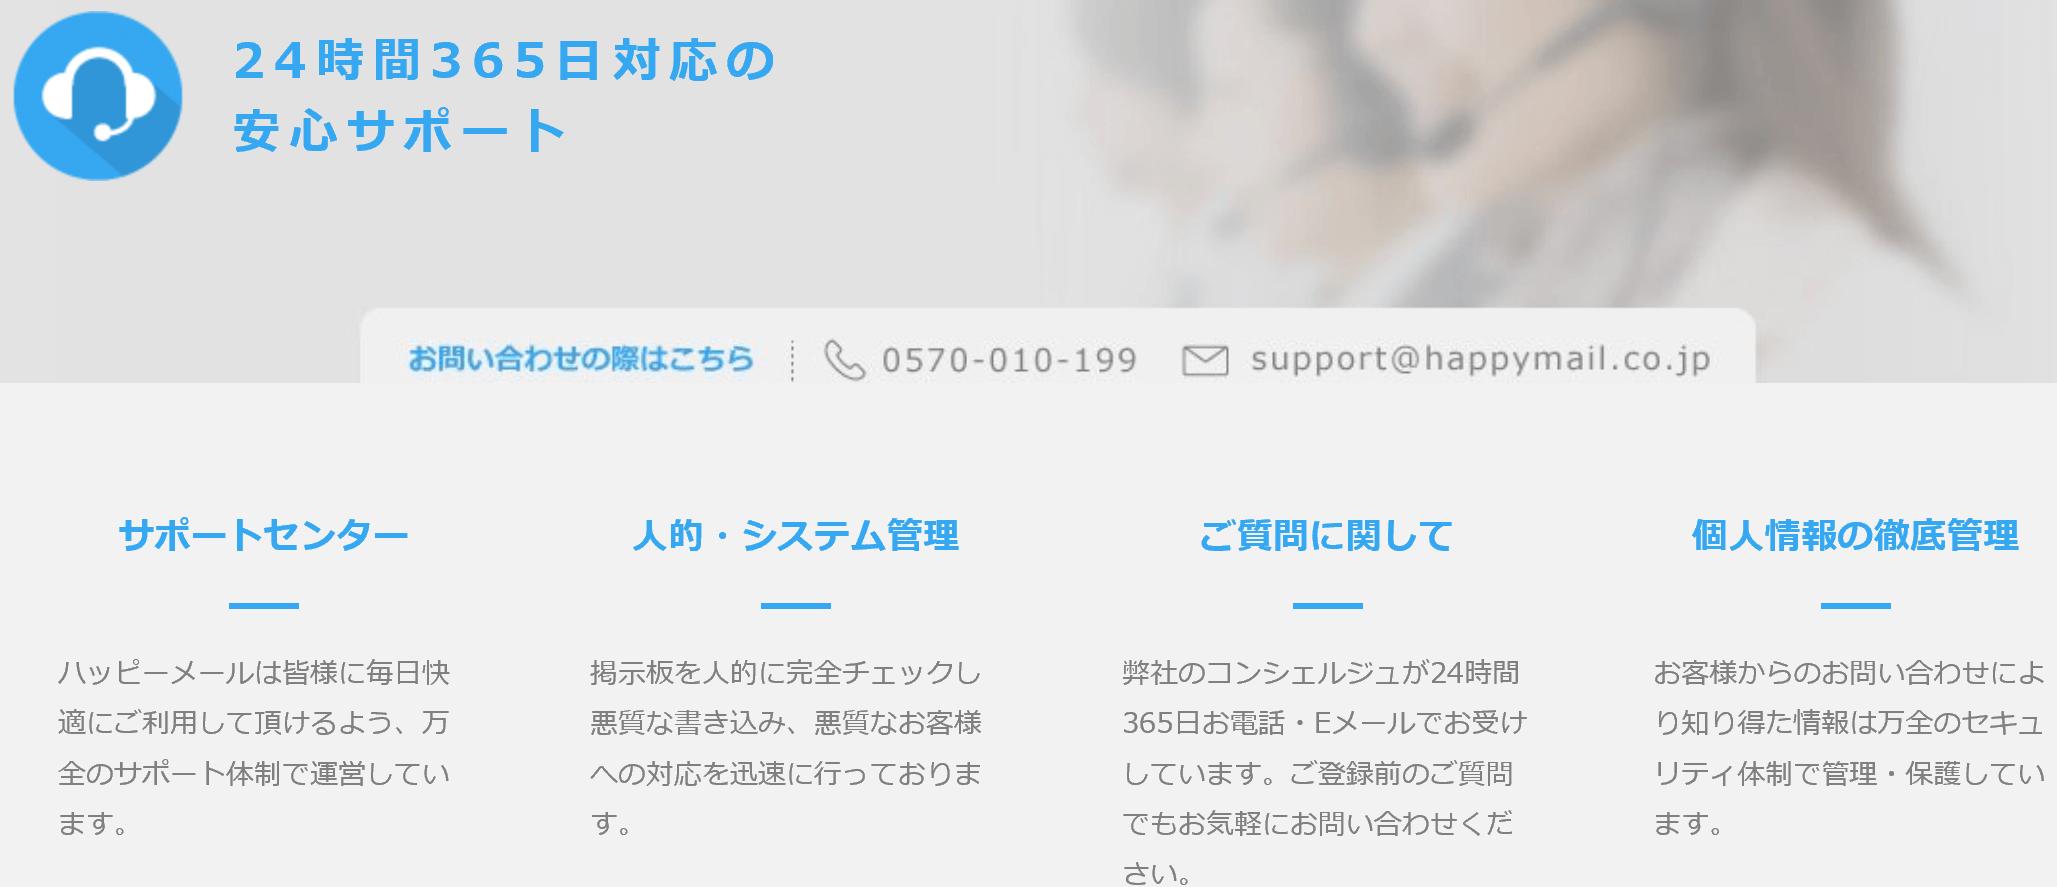 ハッピーメールの安心サポート